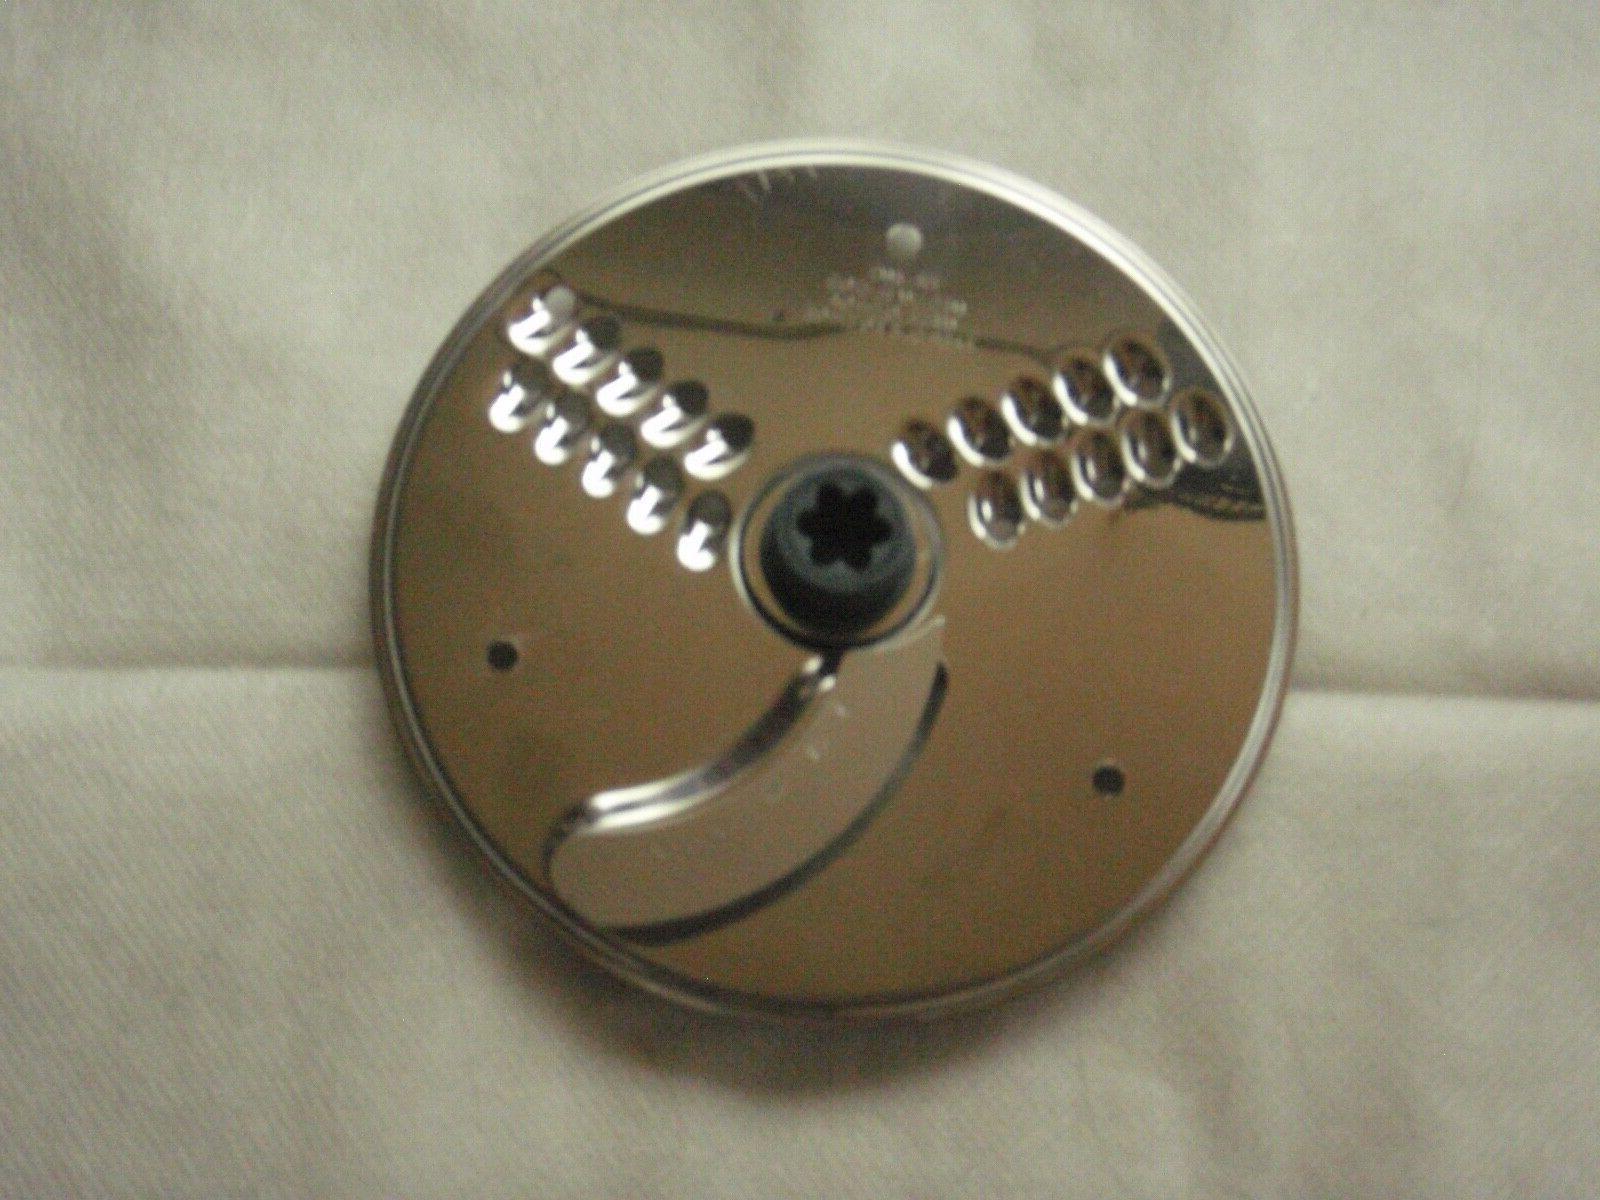 Cuisinart food processor disc FP-8FD